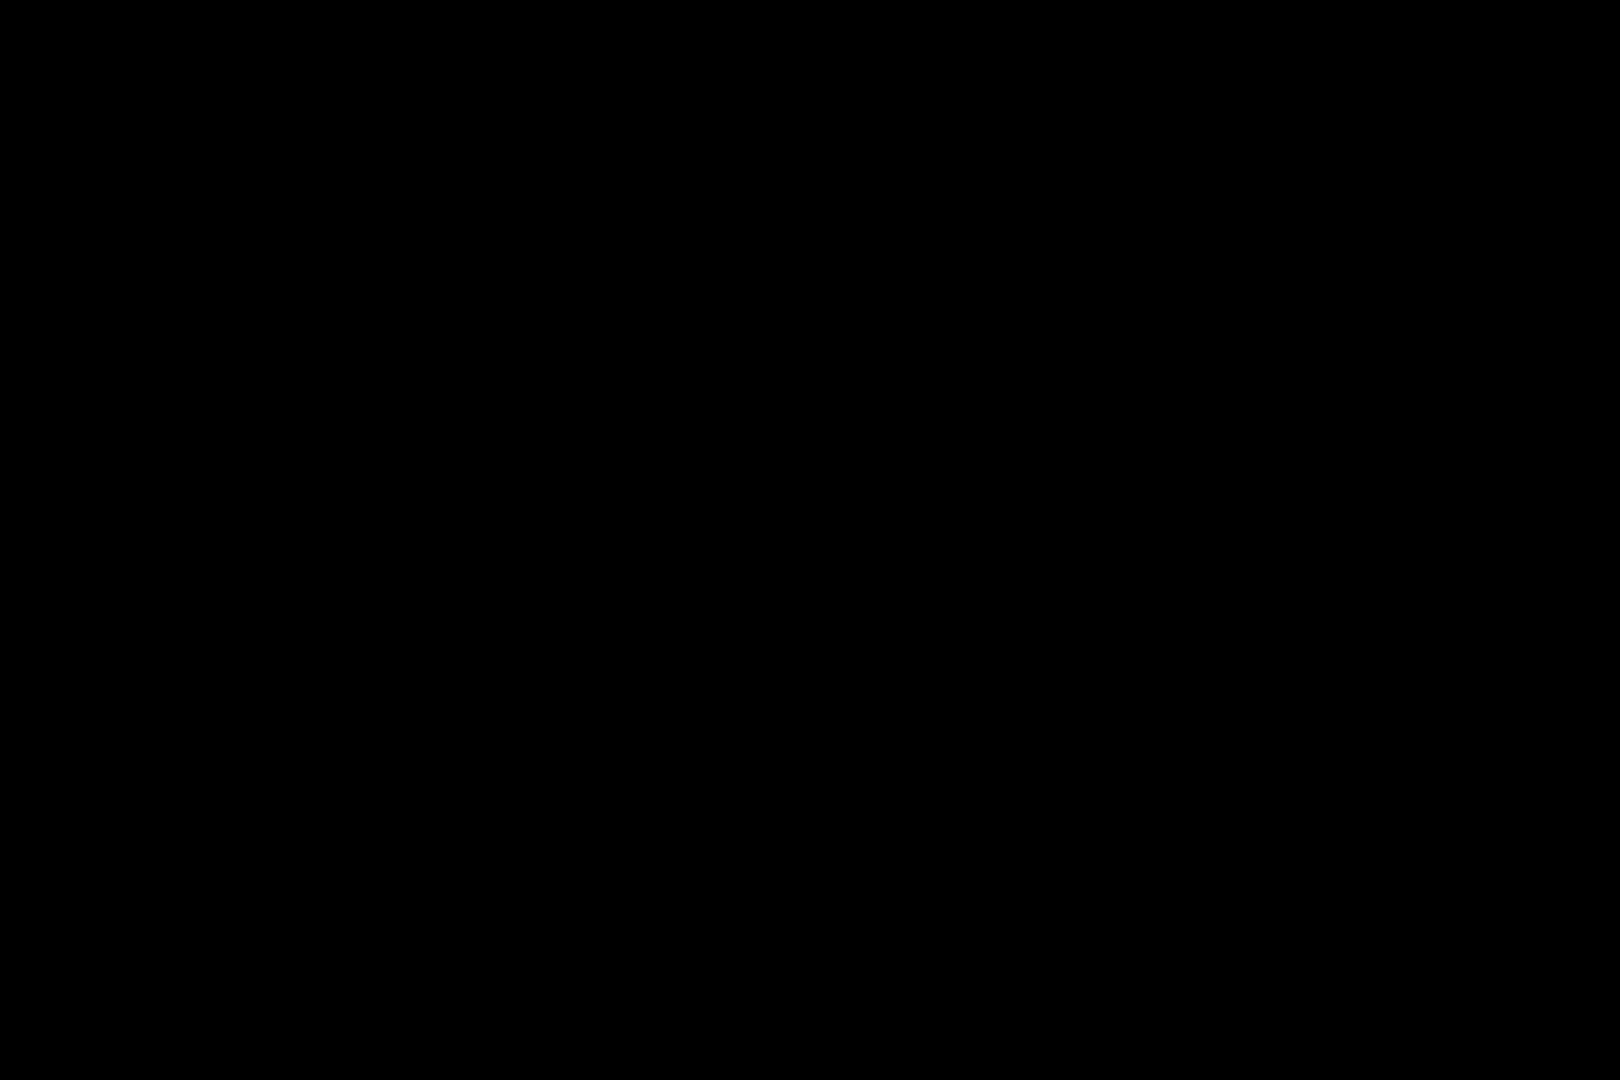 充血監督の深夜の運動会Vol.22 マンコ エロ画像 63連発 48